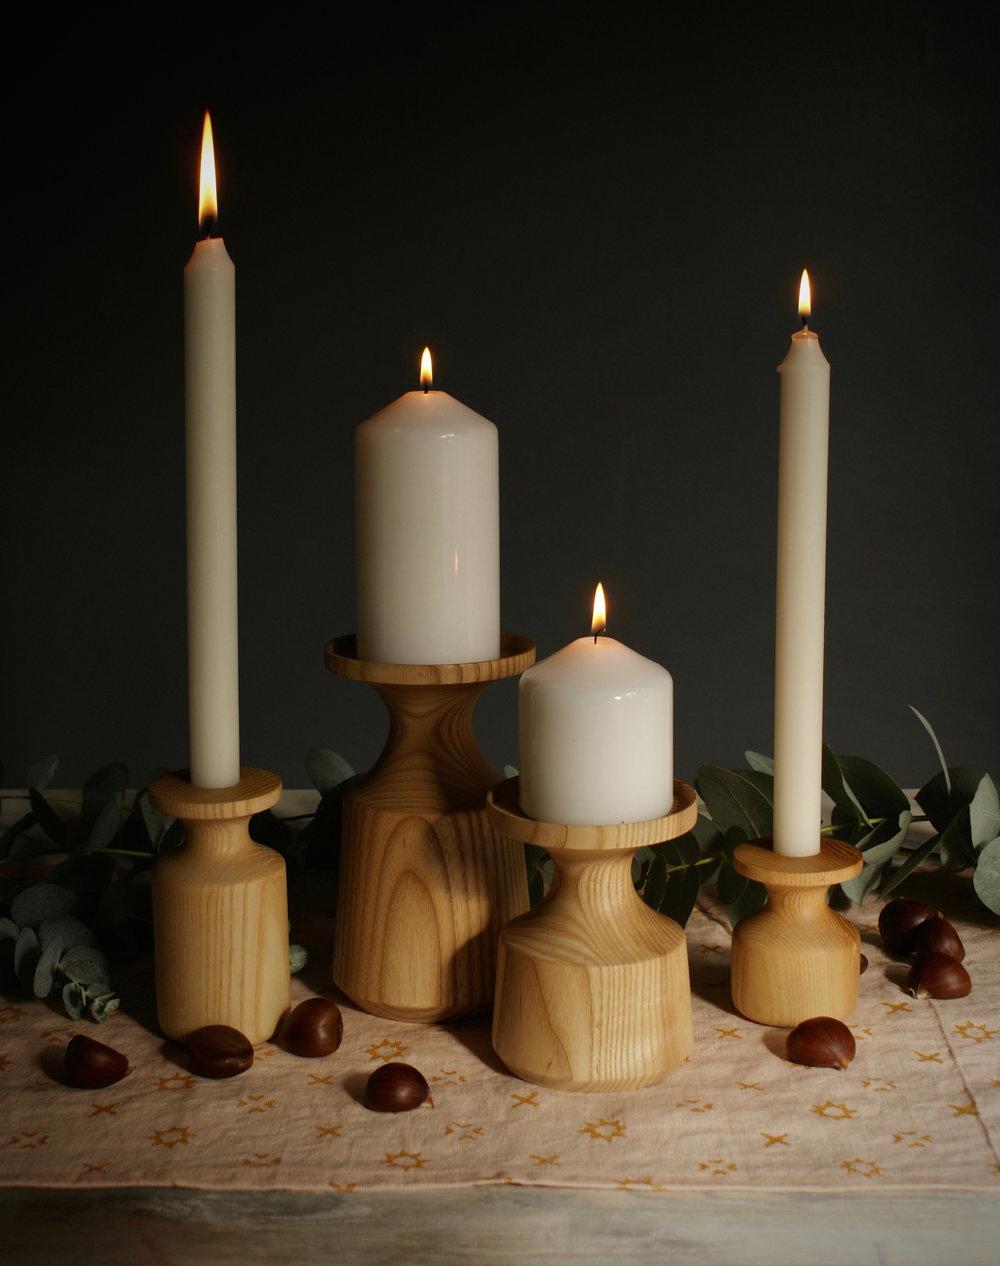 Candlesticks -